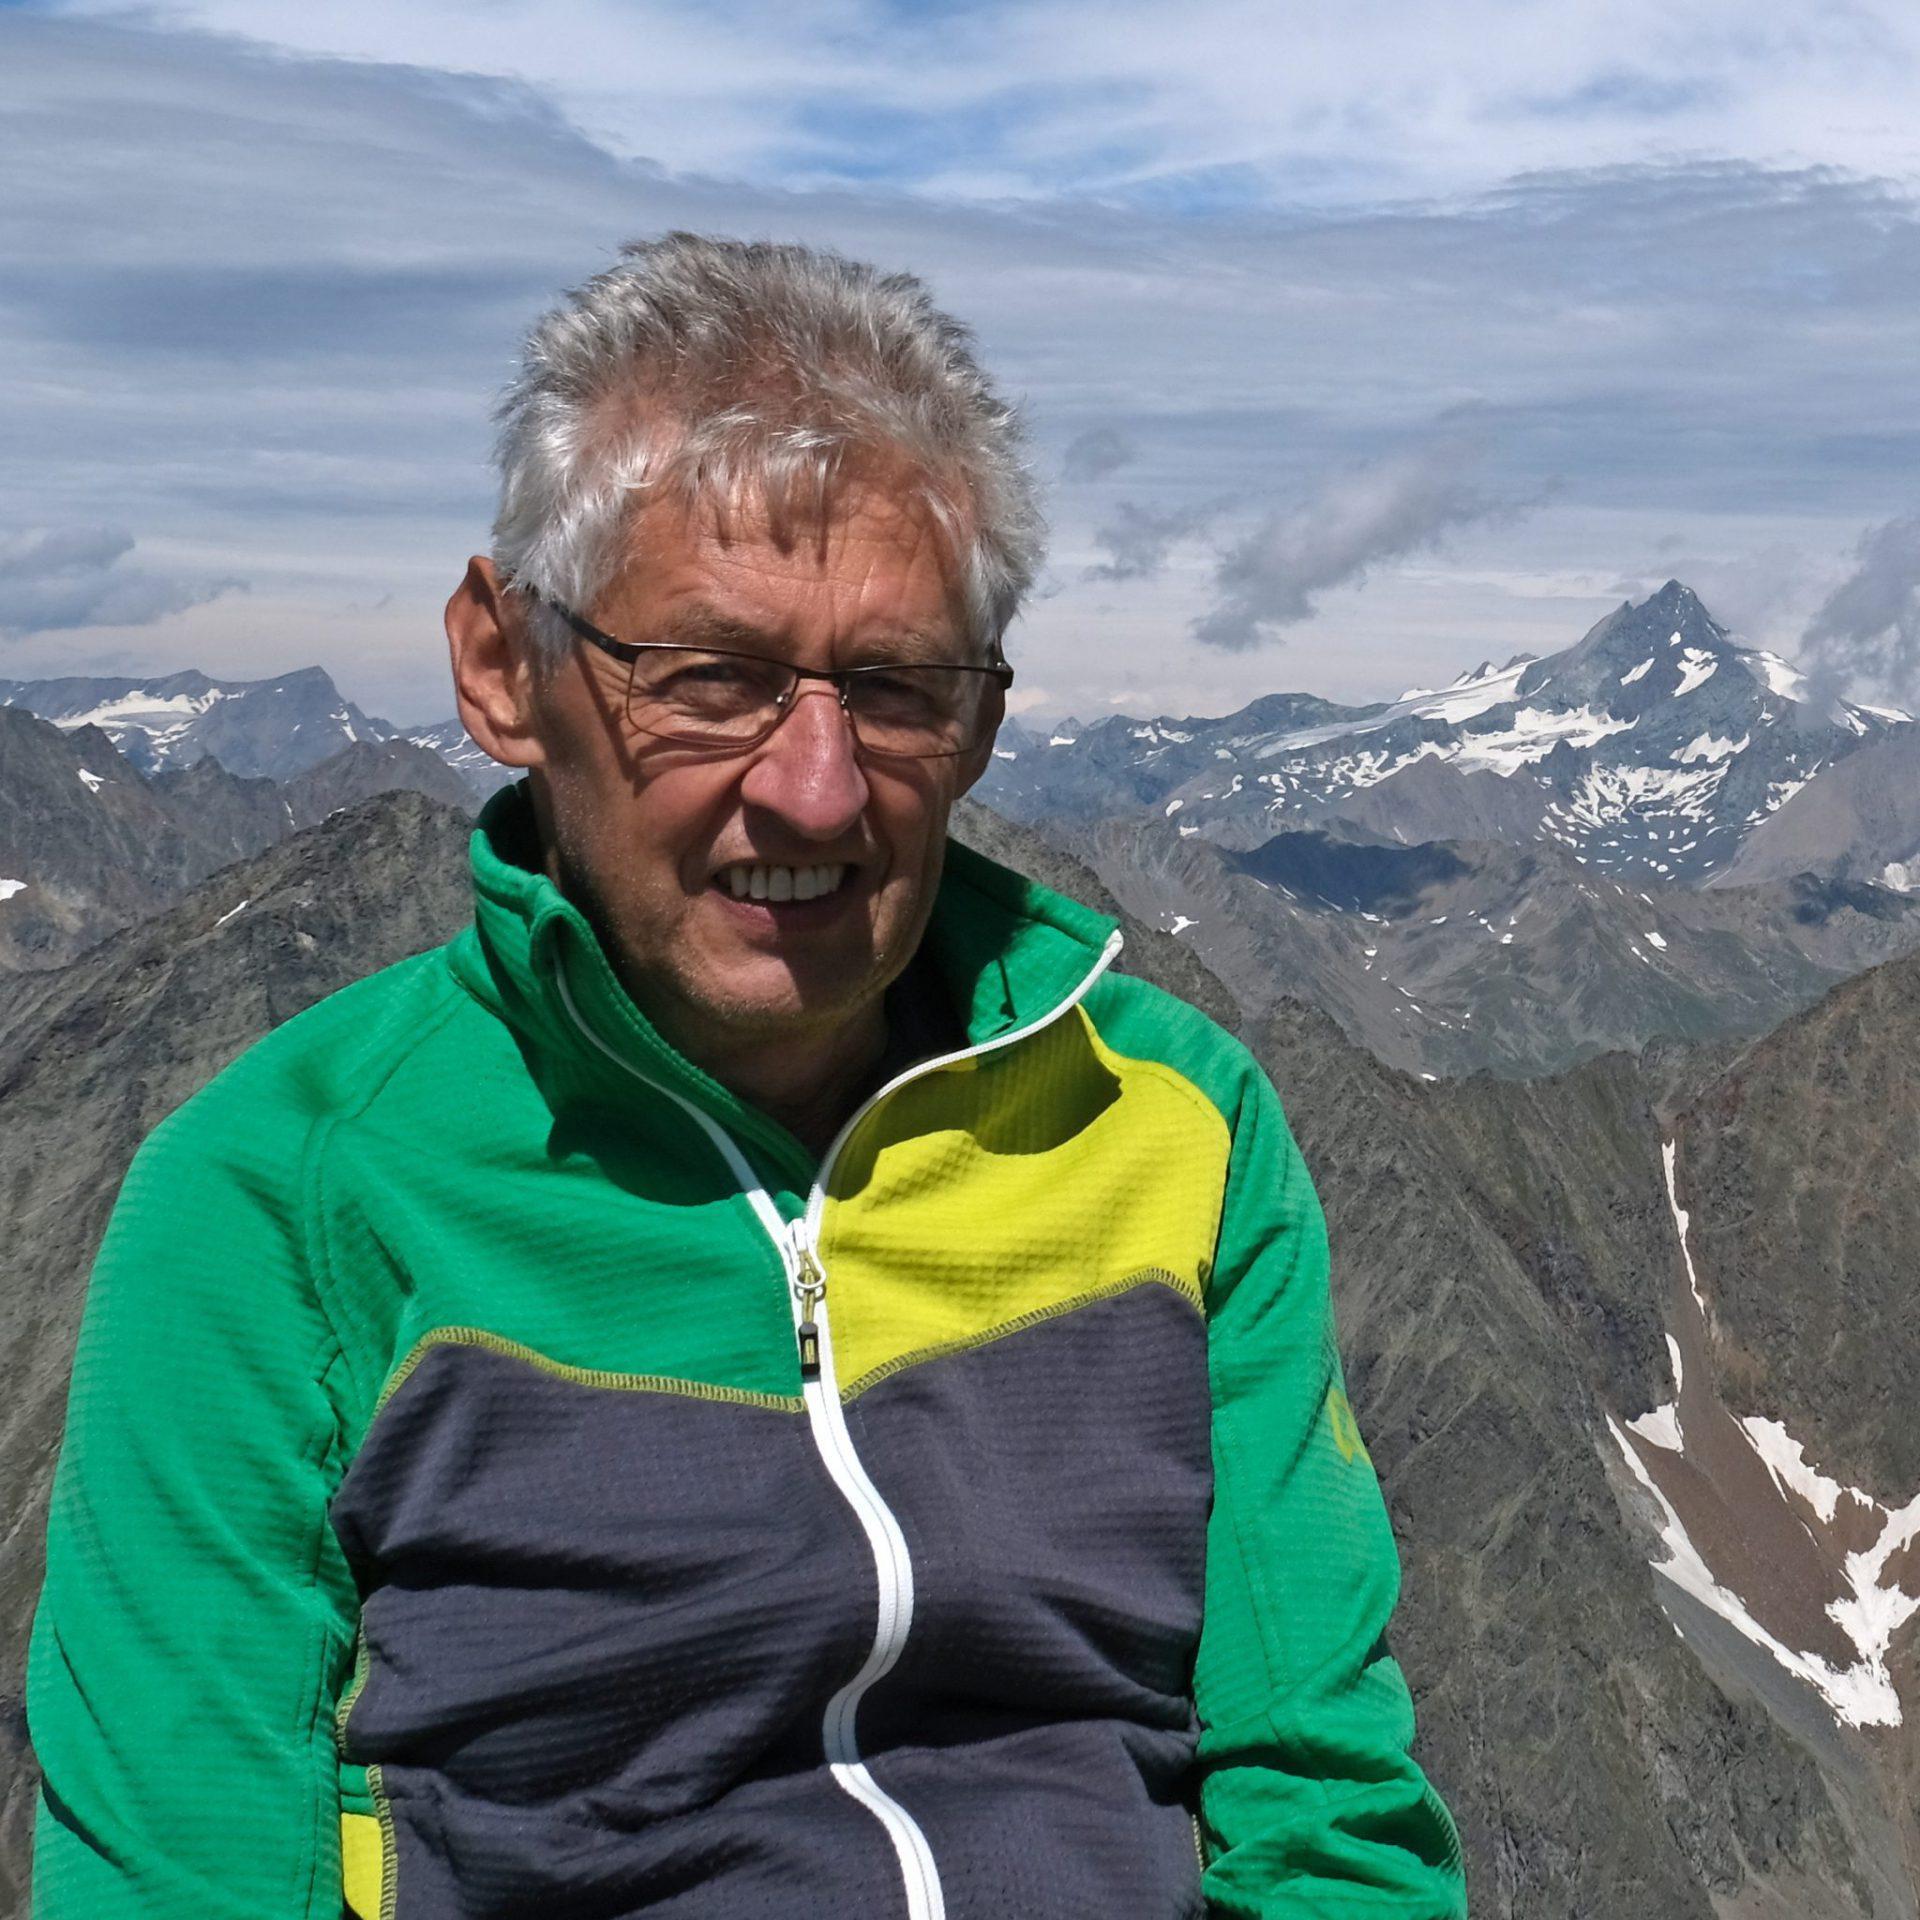 Wandern, Seniorenwandern, Öffentlichkeitsarbeit